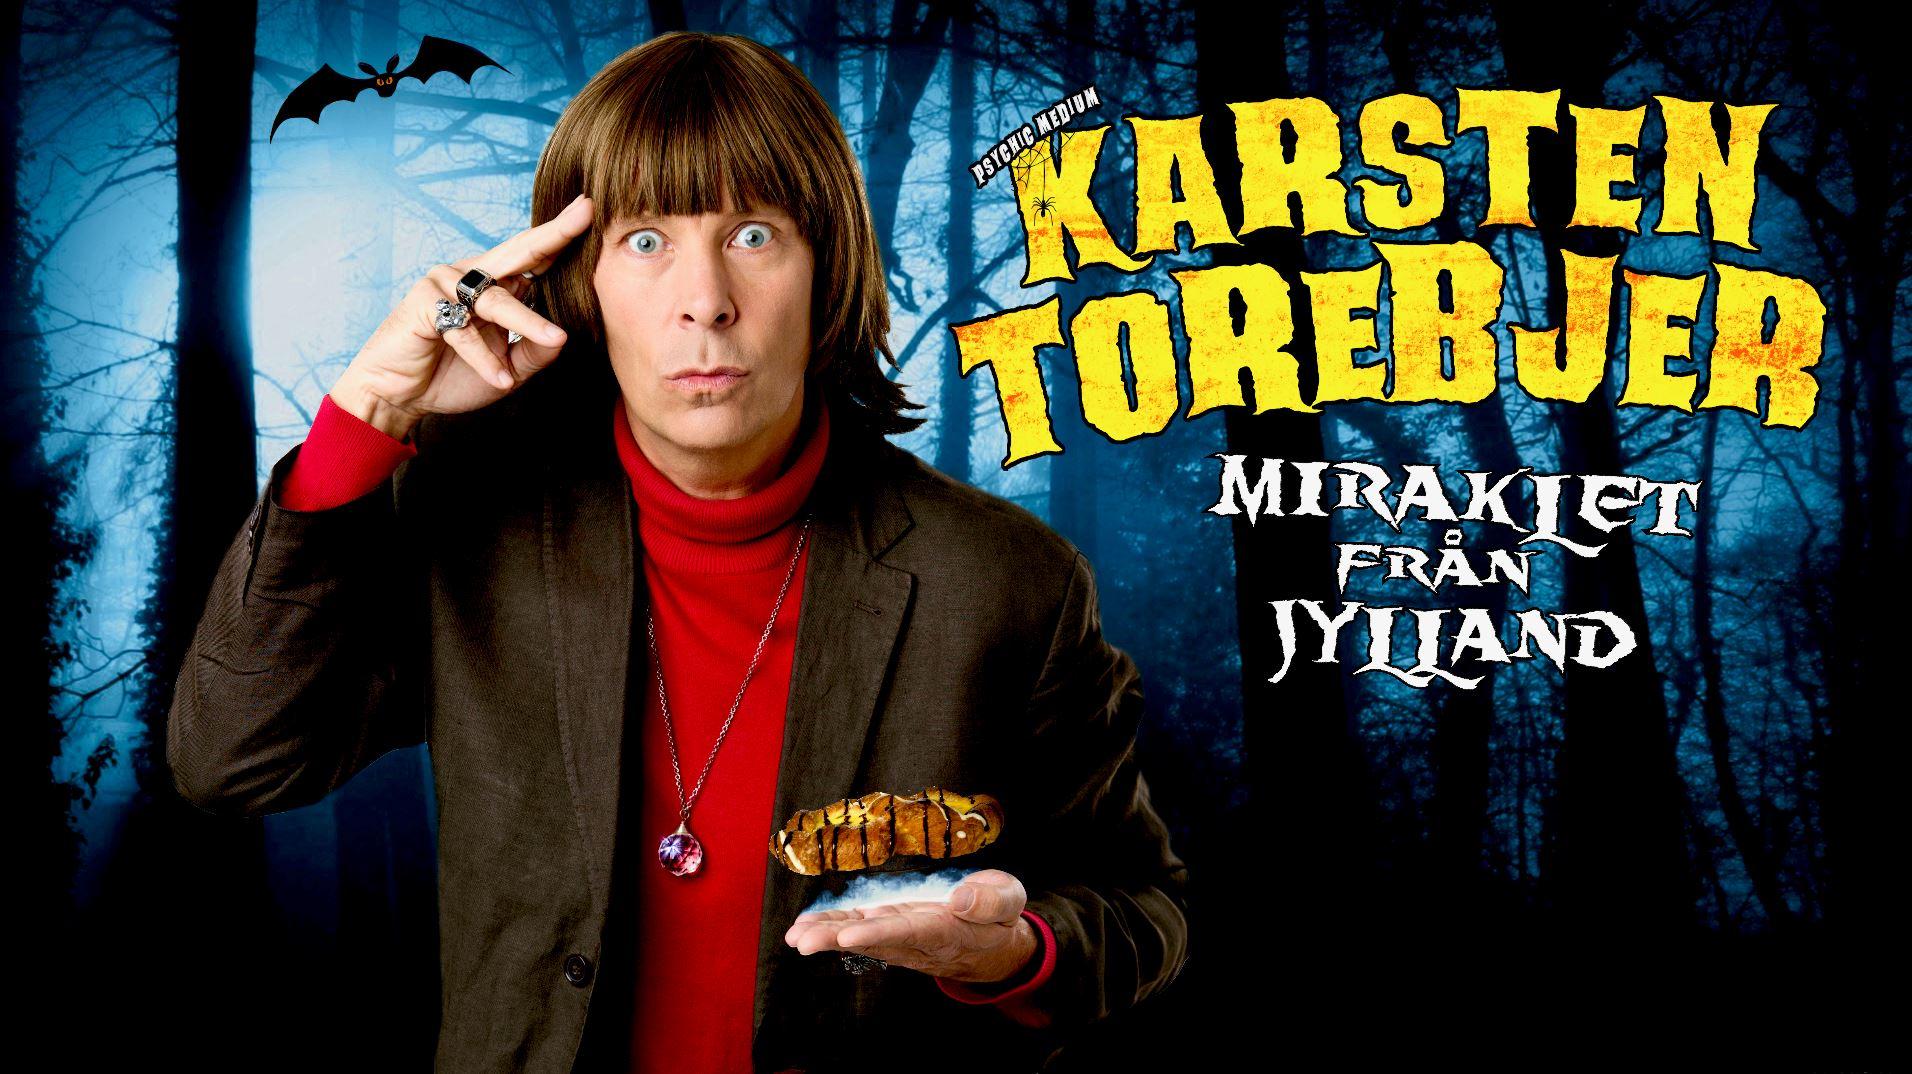 Teater:Karsten Torebjer - Miraklet från Jylland